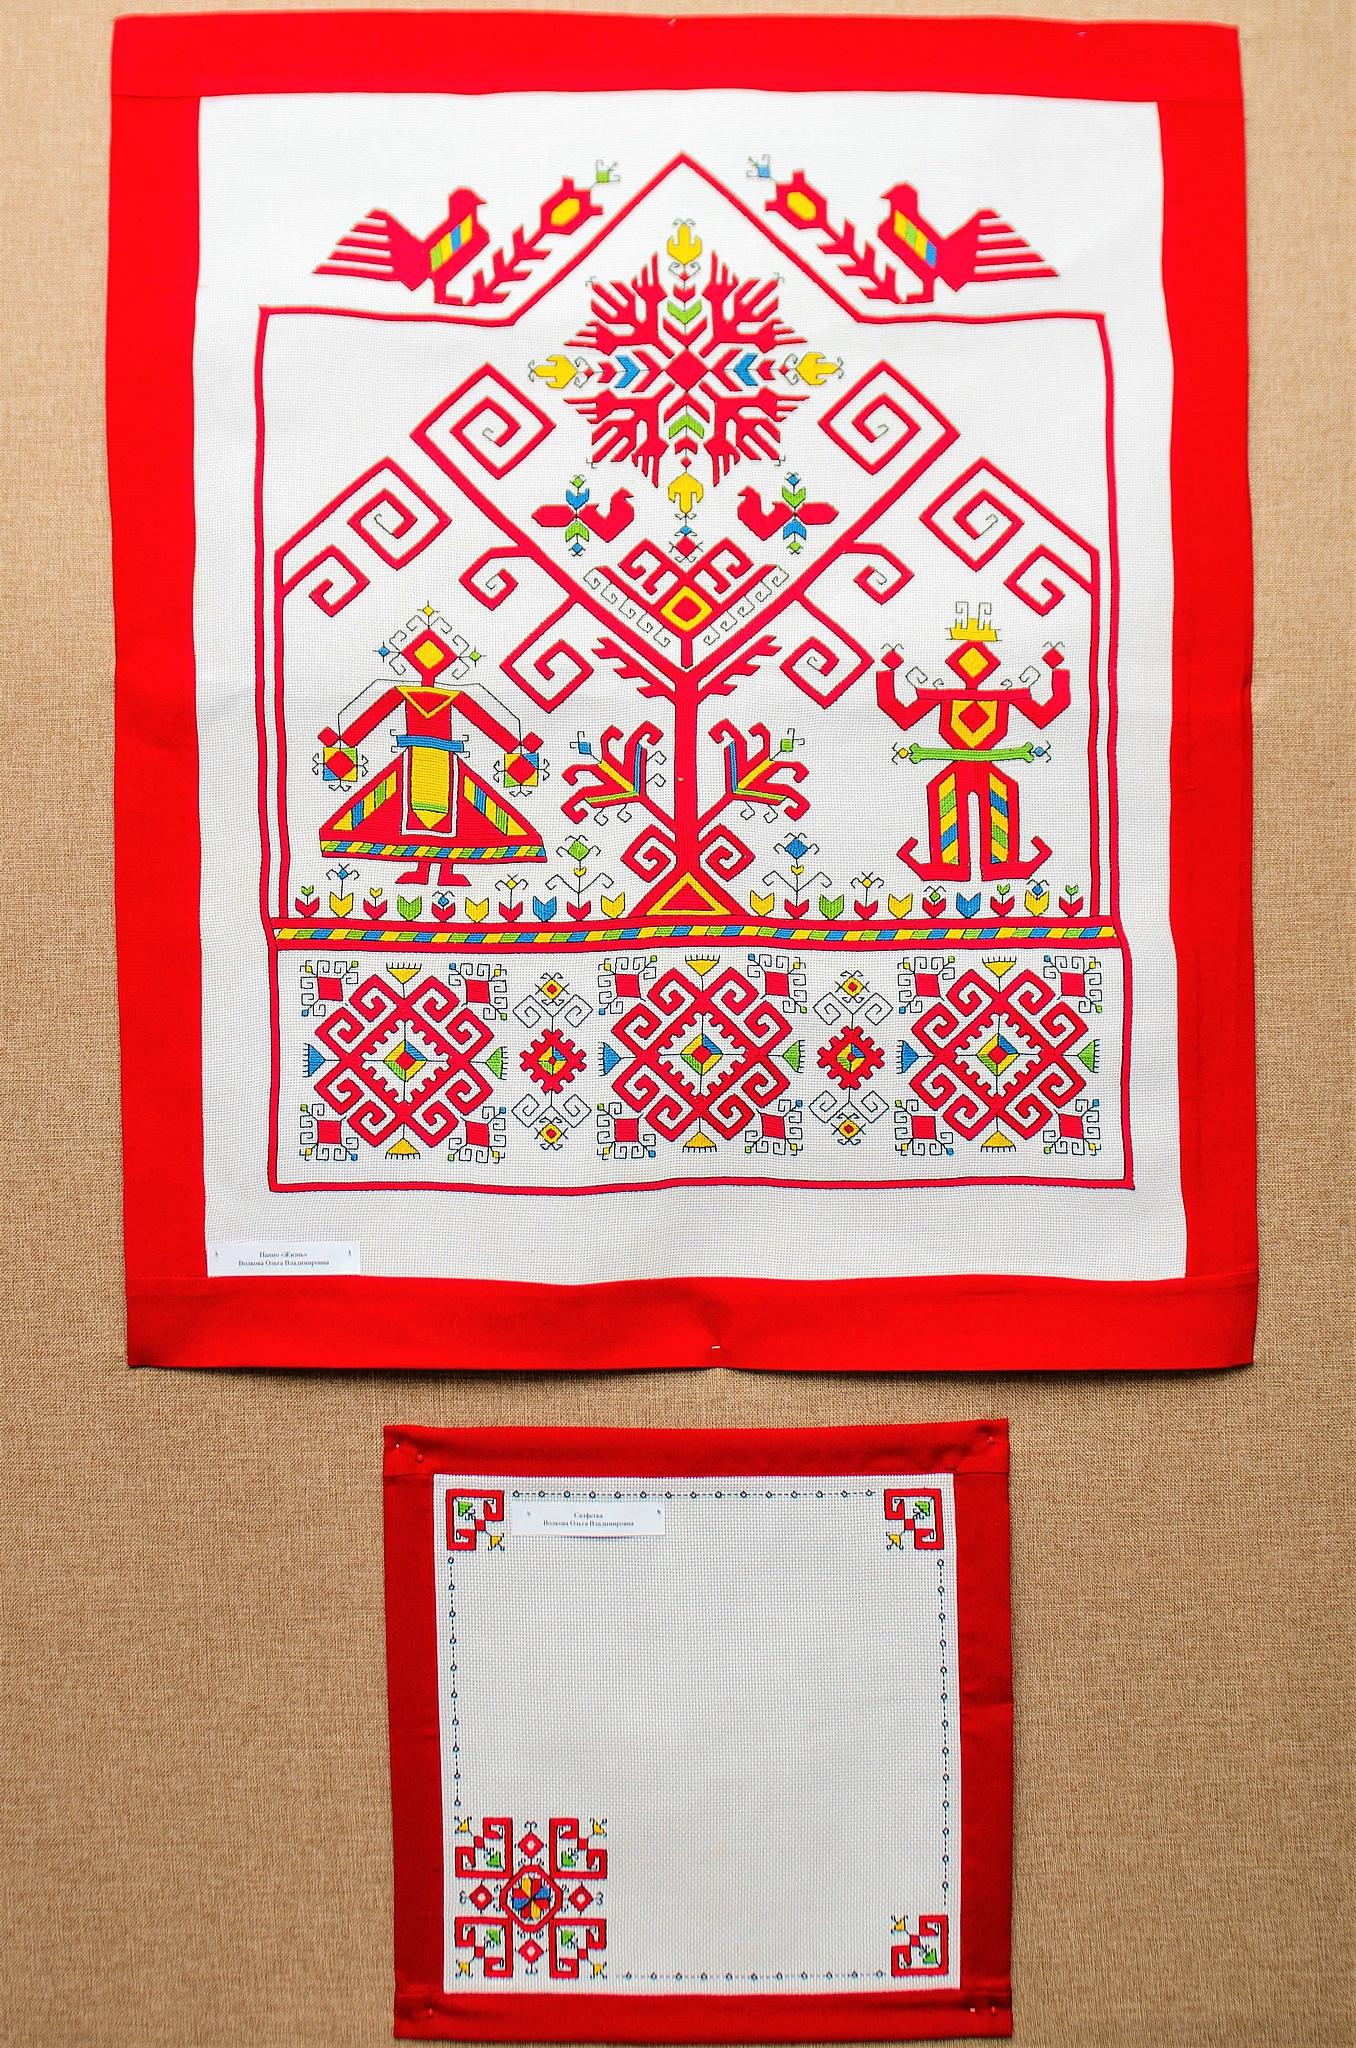 Вышивальщица из Чебоксар сохраняет традиции национального искусства